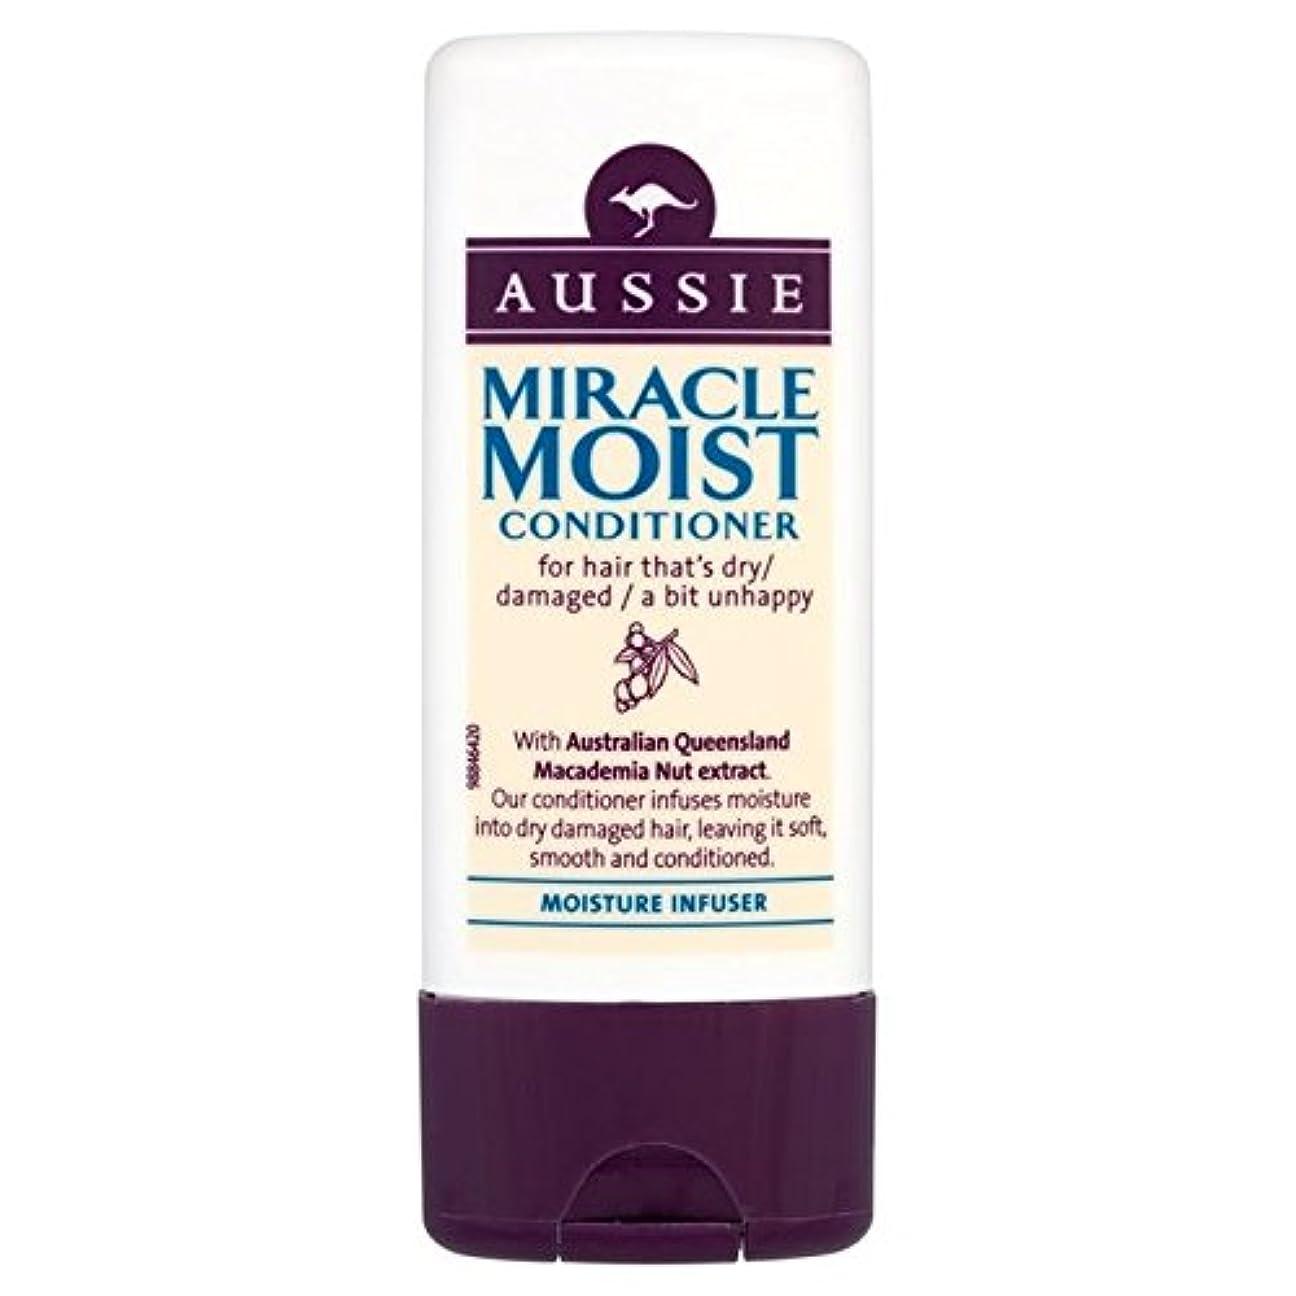 上下する味残酷オージー奇跡湿った旅行コンディショナー75ミリリットル x4 - Aussie Miracle Moist Travel Conditioner 75ml (Pack of 4) [並行輸入品]